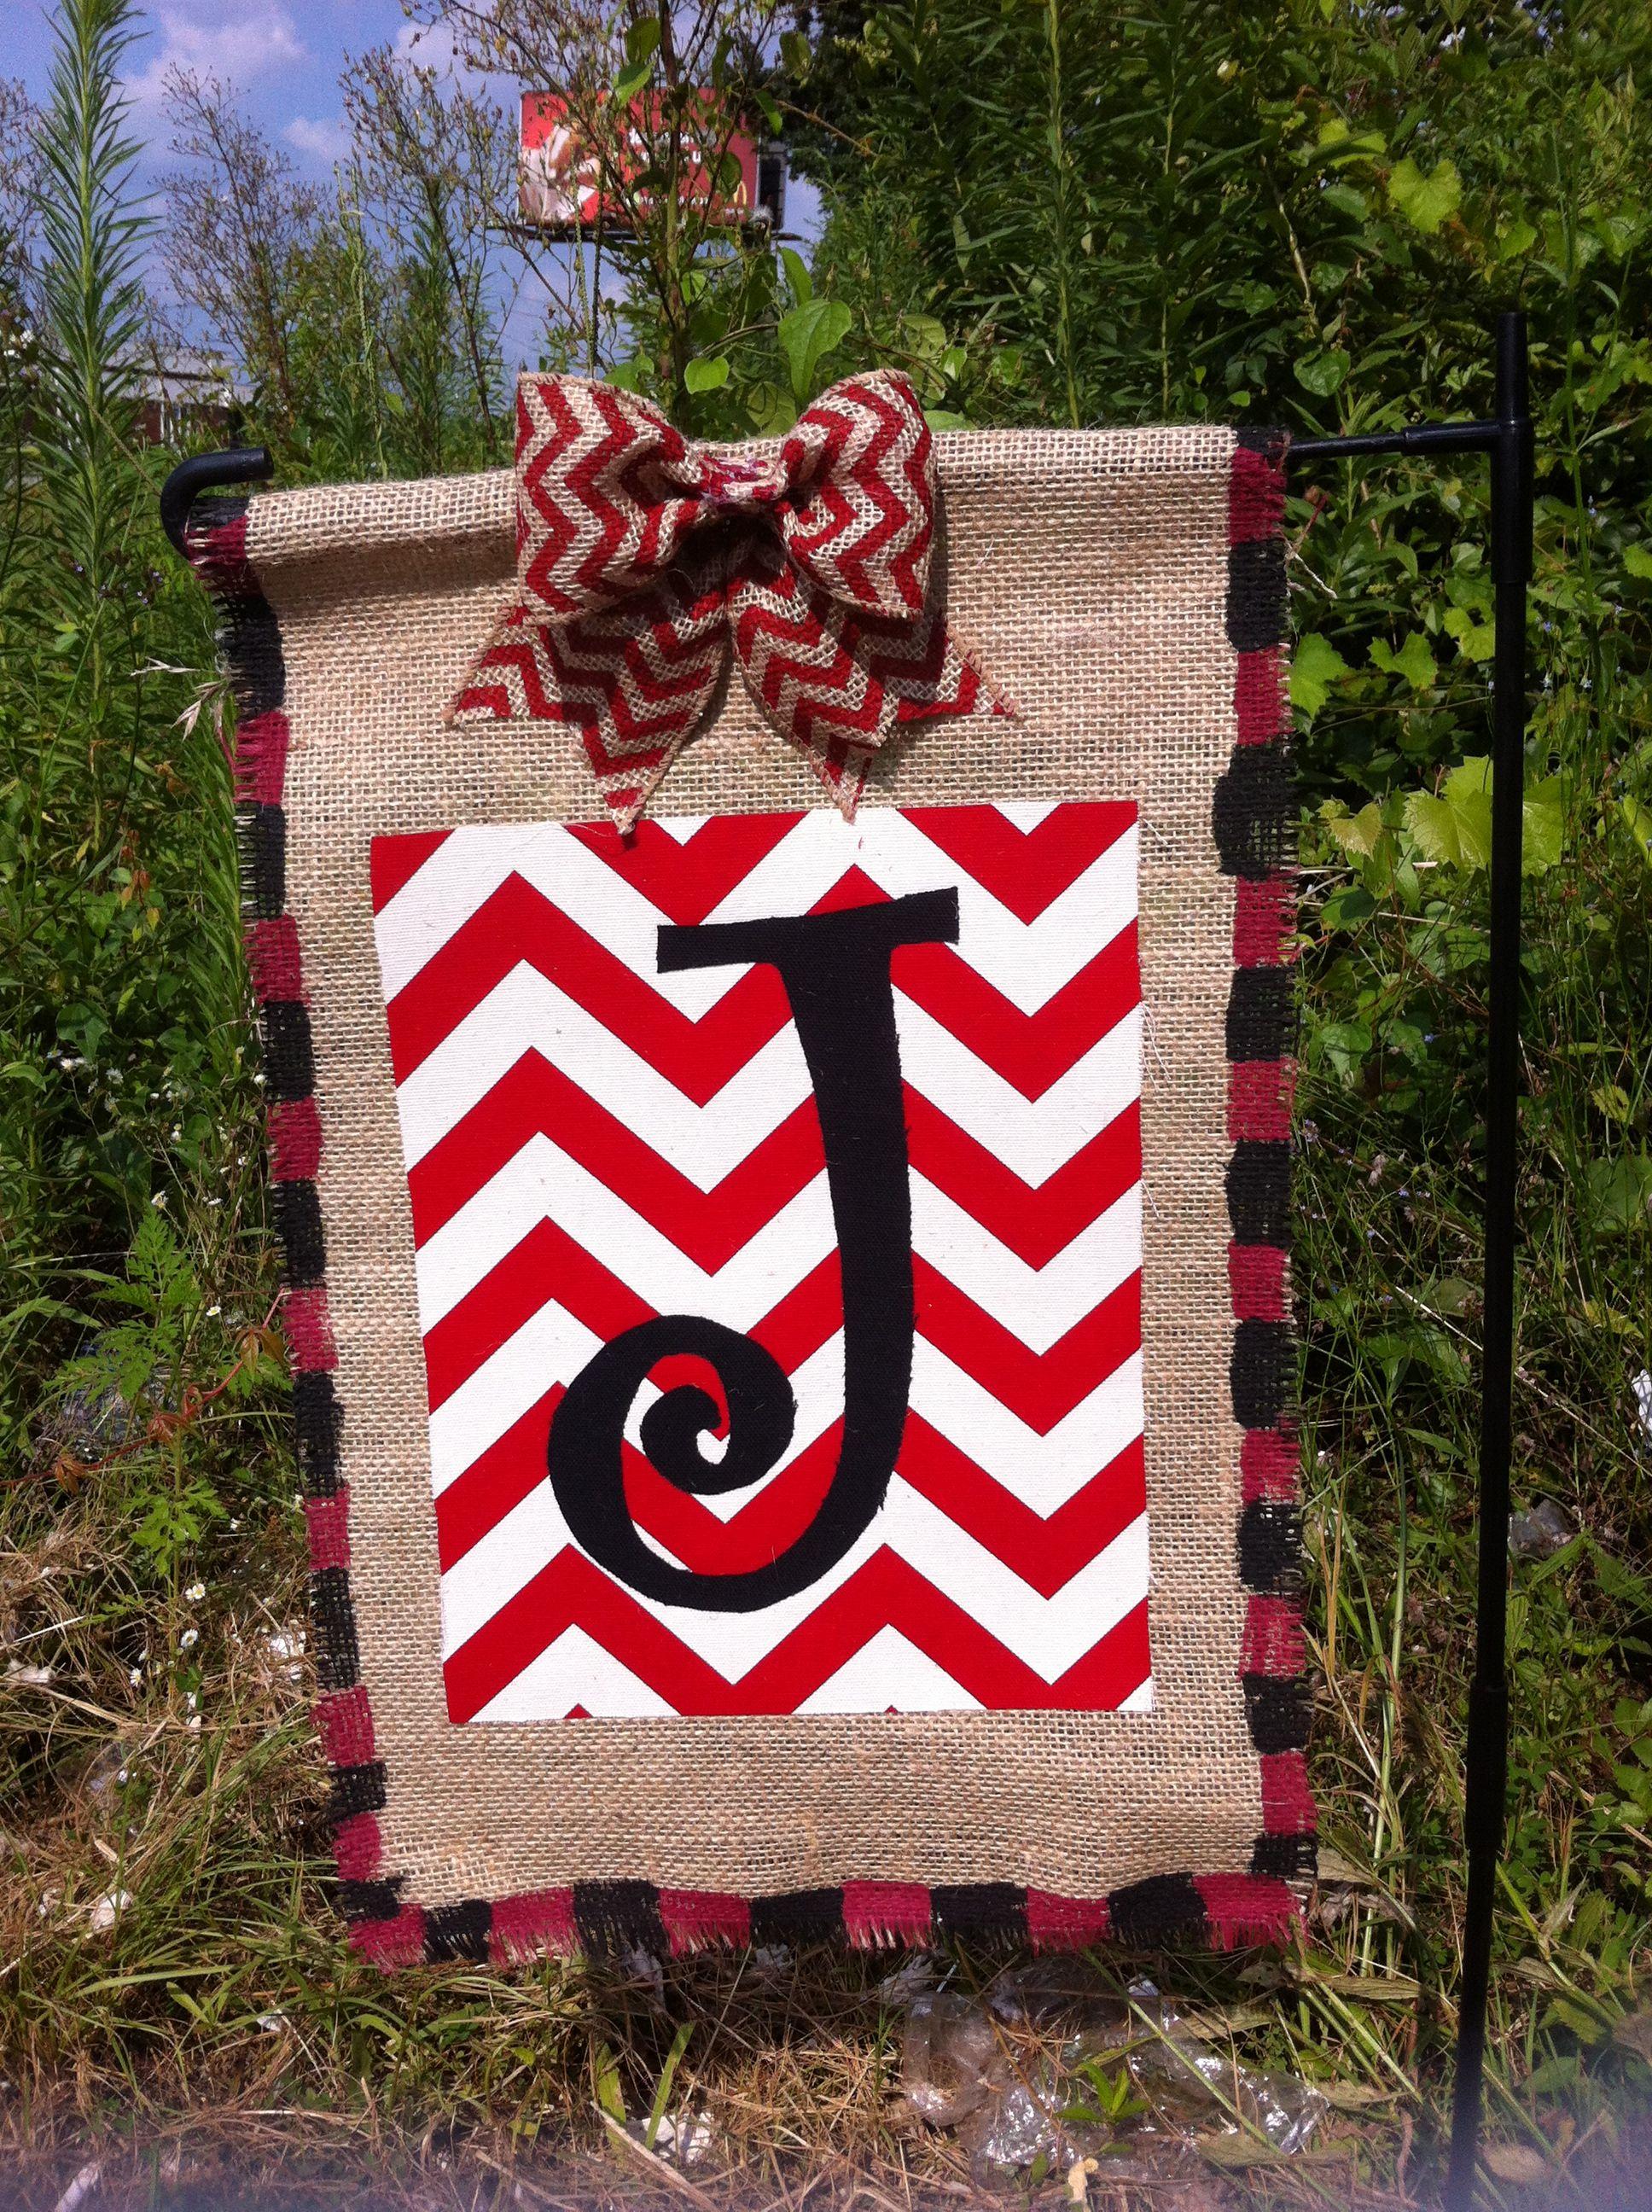 Burlap Chevron Fabric And Paint - Garden Flag Door